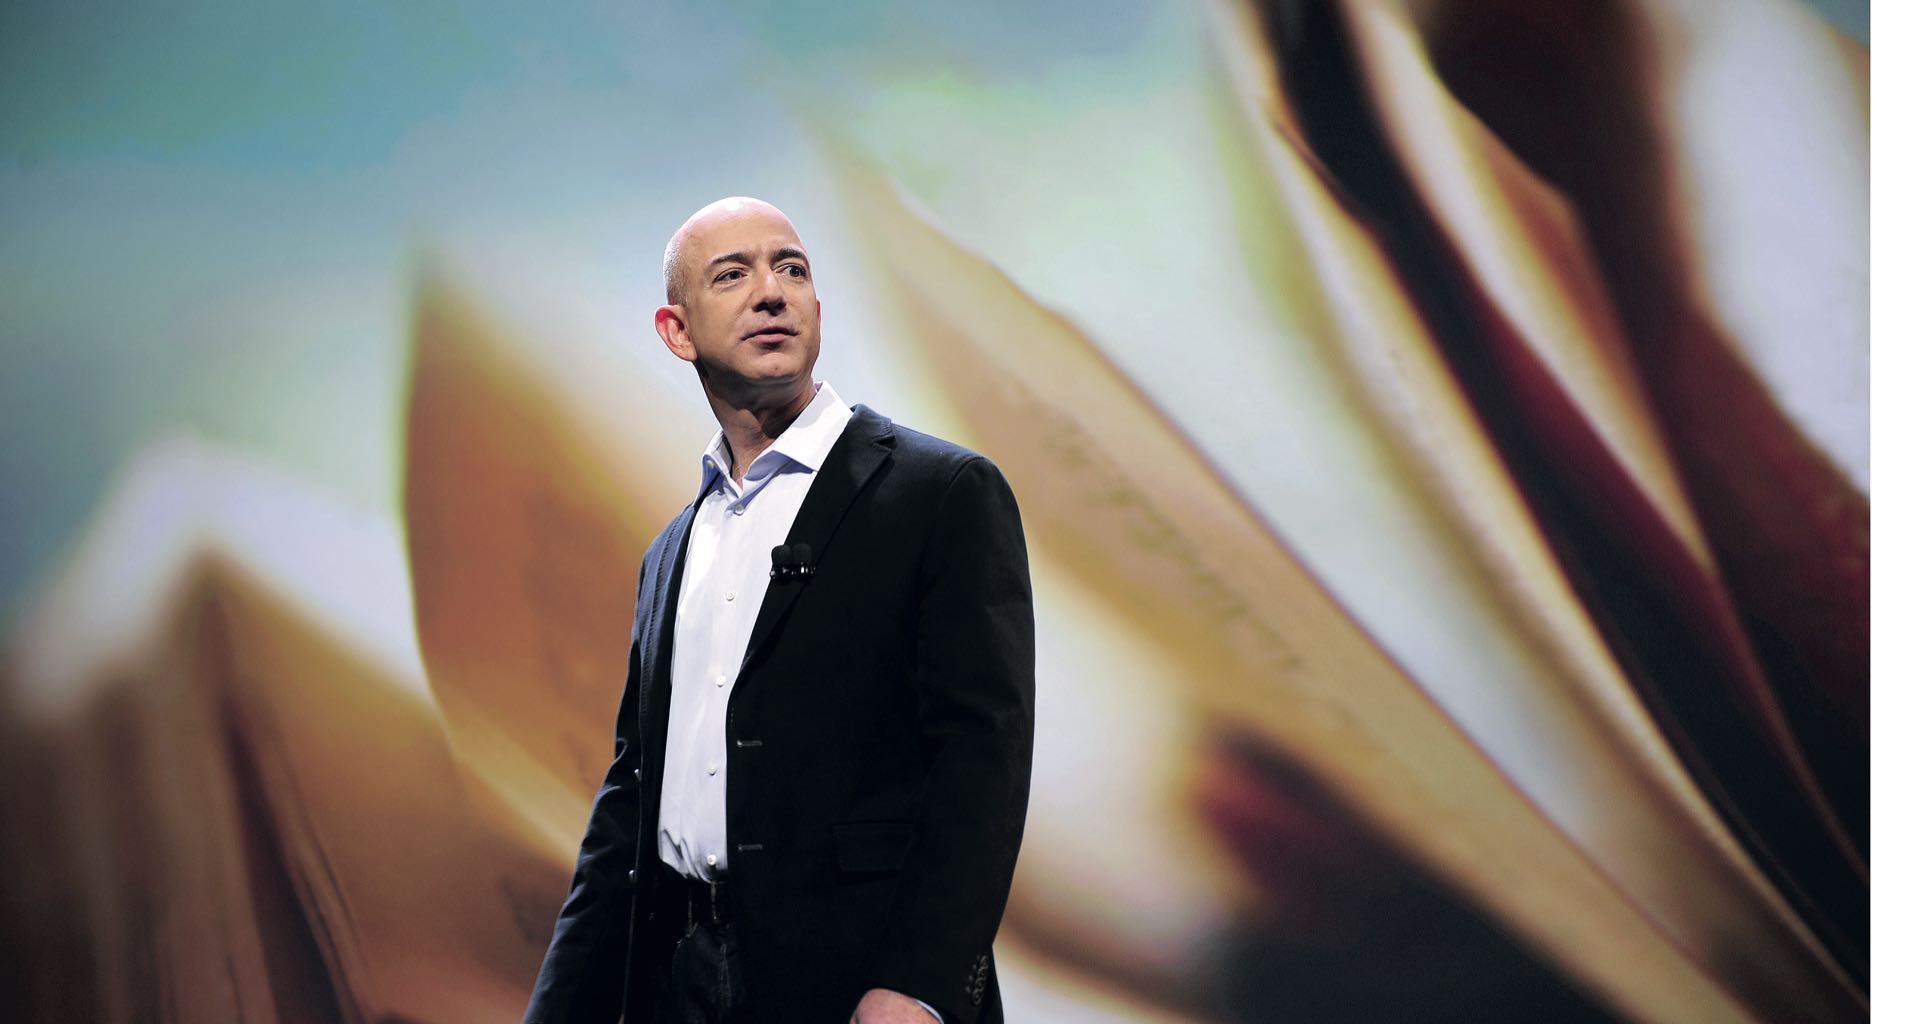 El fundador de Amazonrecordó que su empresa de 500.000 empleados comenzó con cinco.